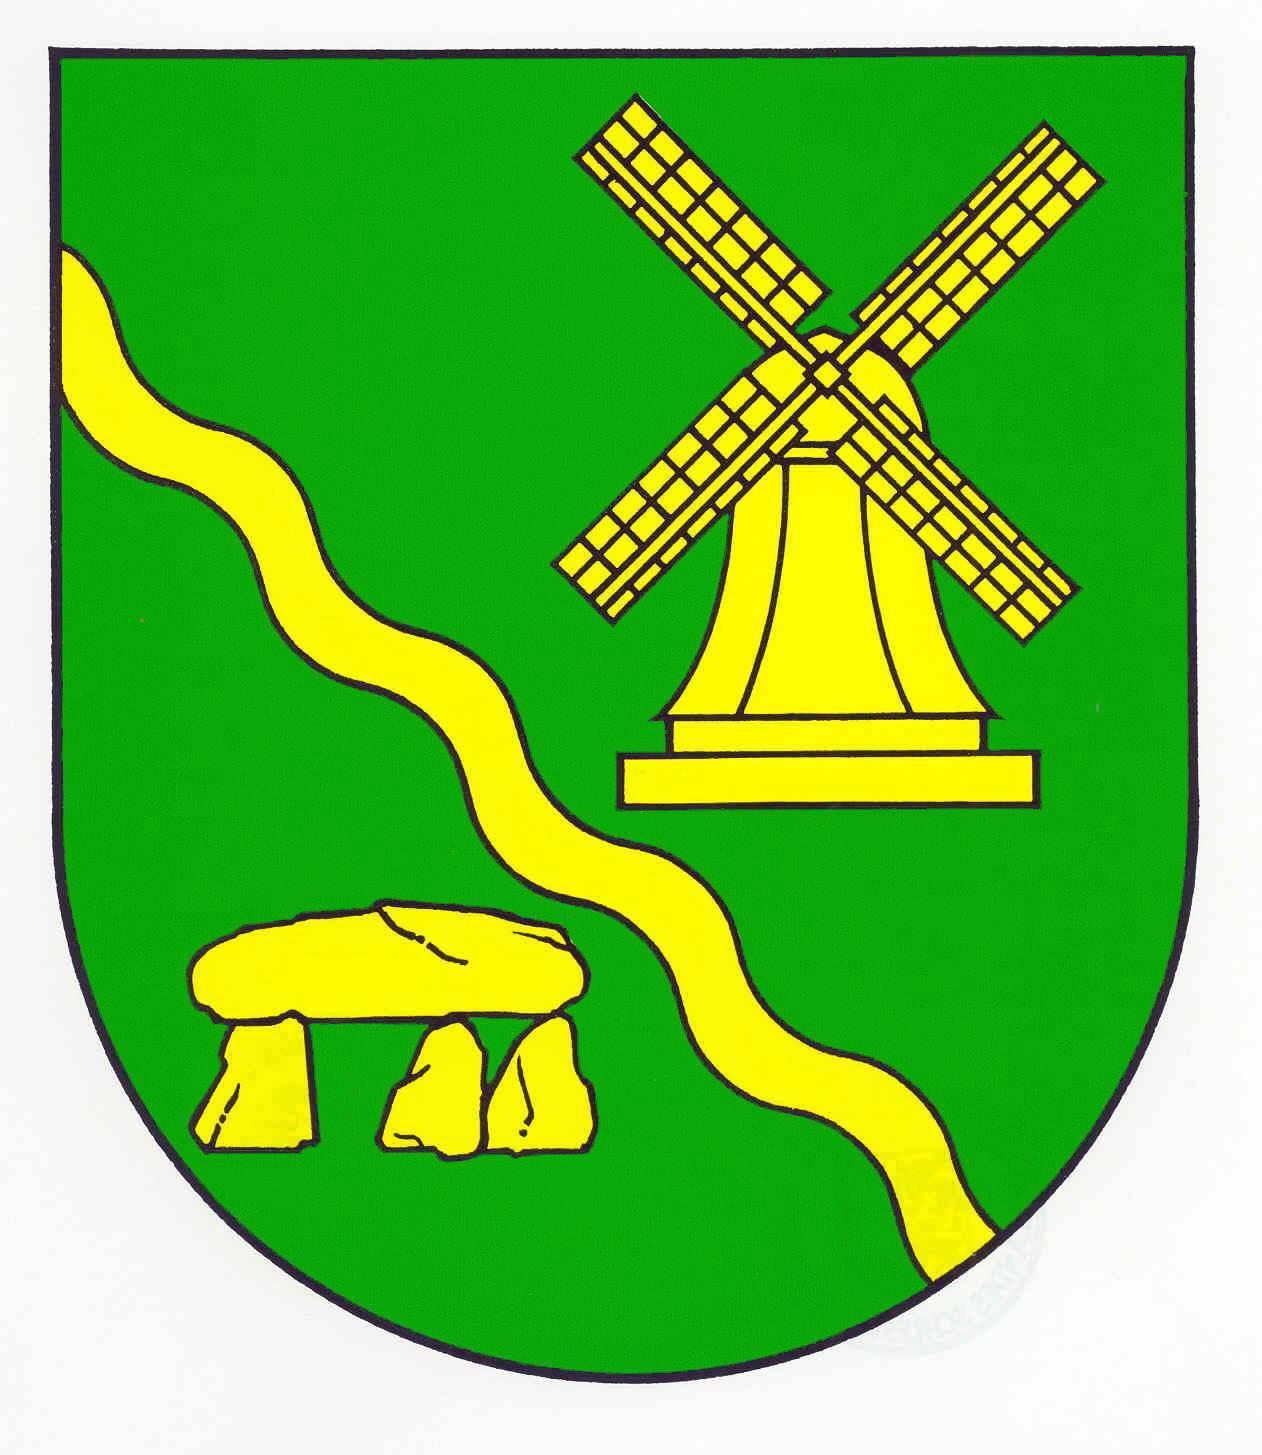 Wappen GemeindeWensin, Kreis Segeberg